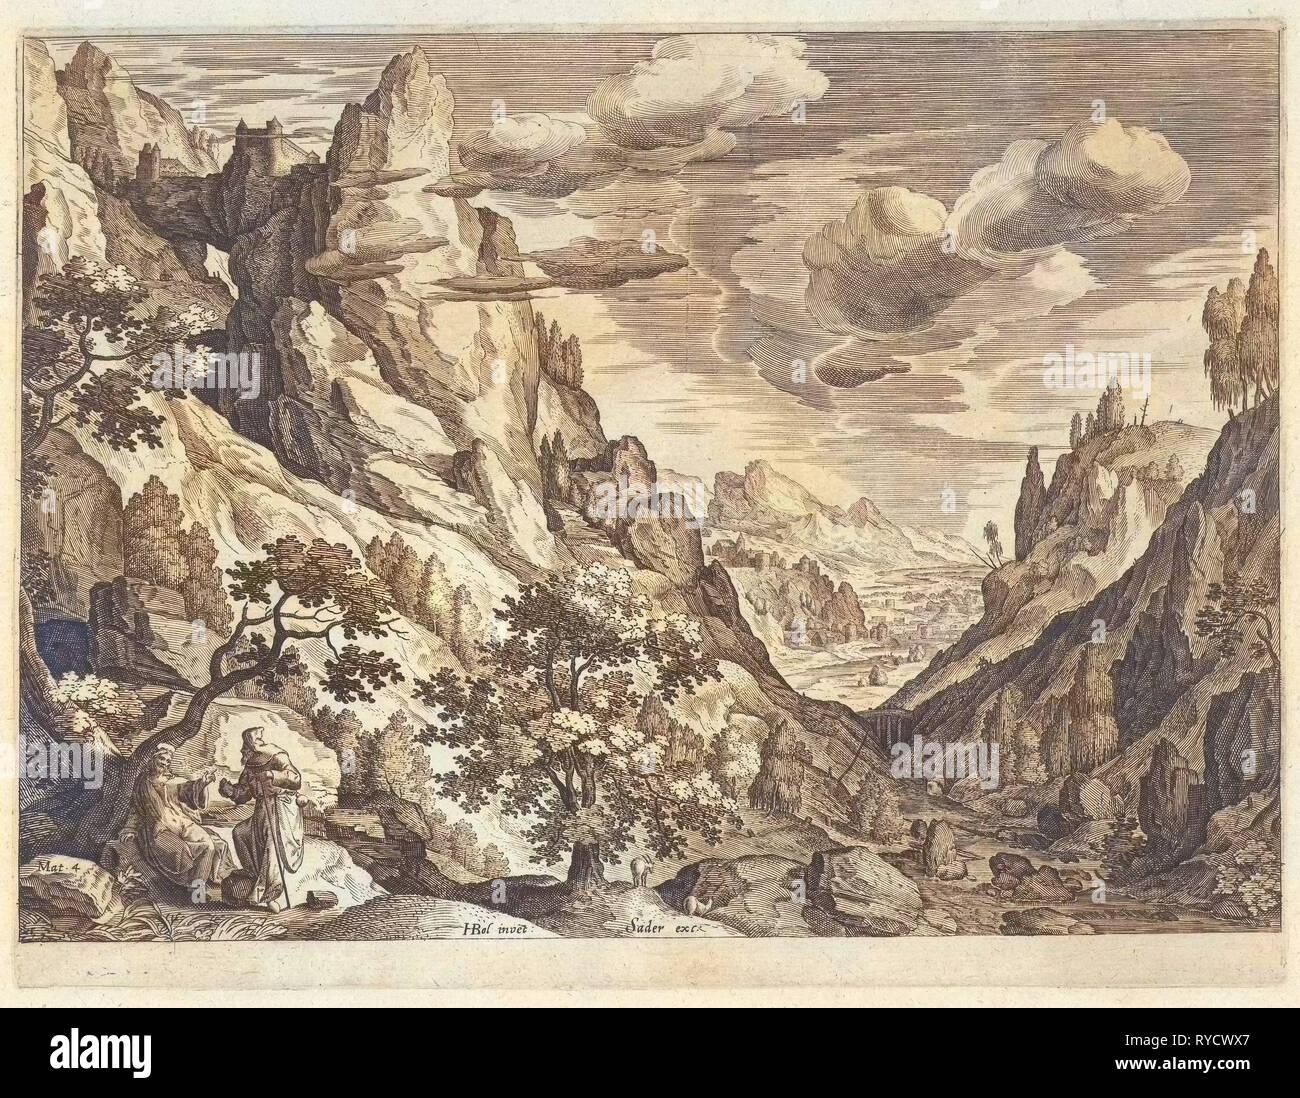 Landscape with the Temptation of Christ in the desert, Johann Sadeler I, 1580-1600 - Stock Image